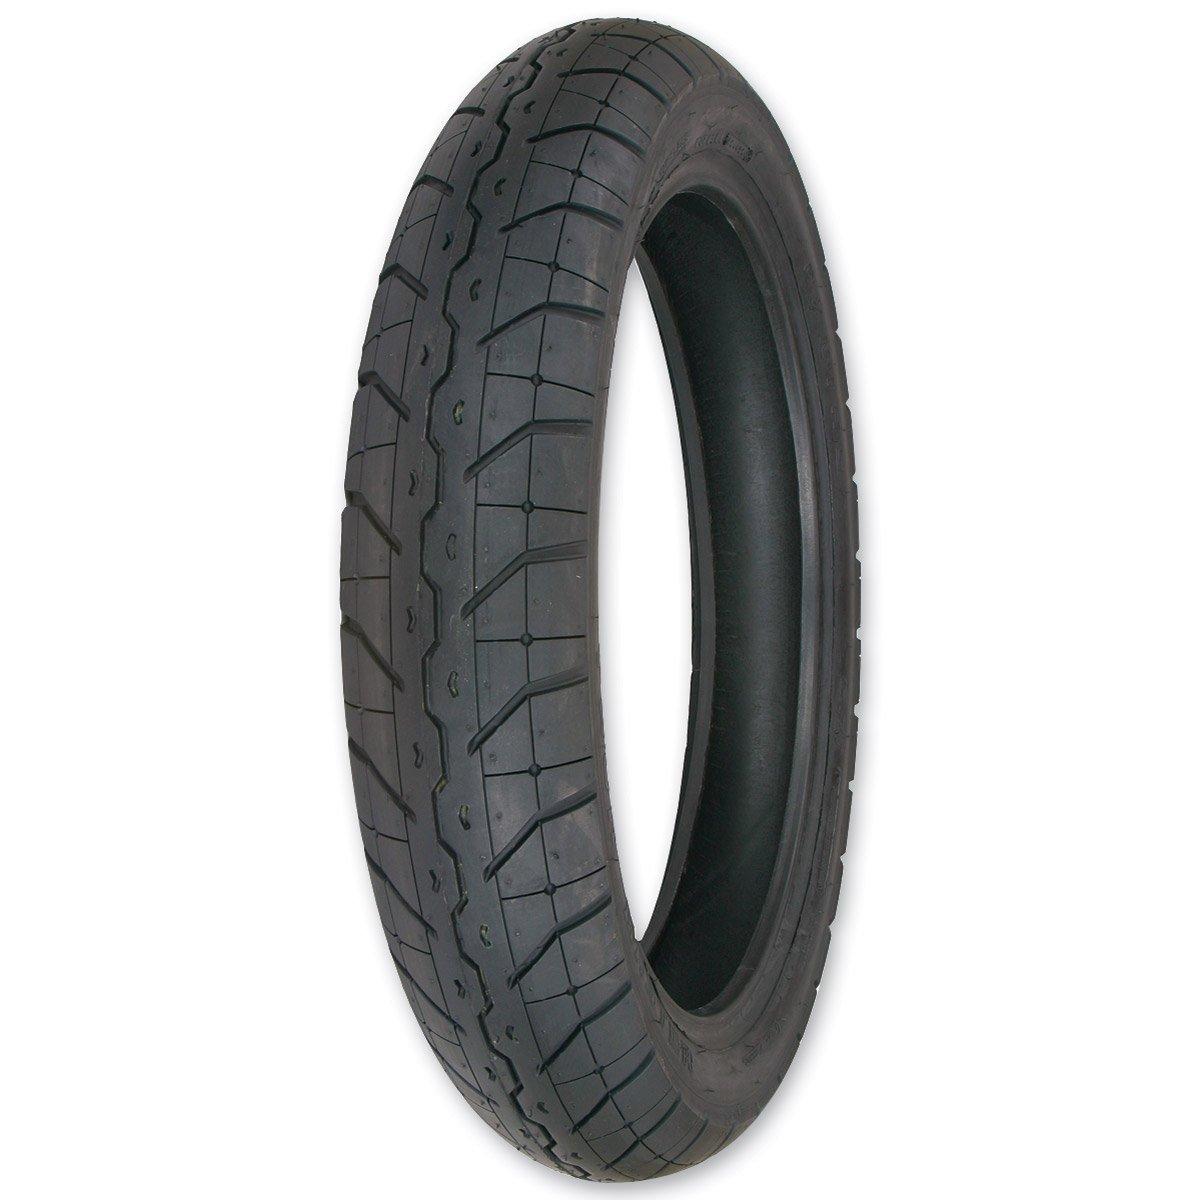 Shinko 230 Tour Master 80/90-21 Front Tire 87-4167